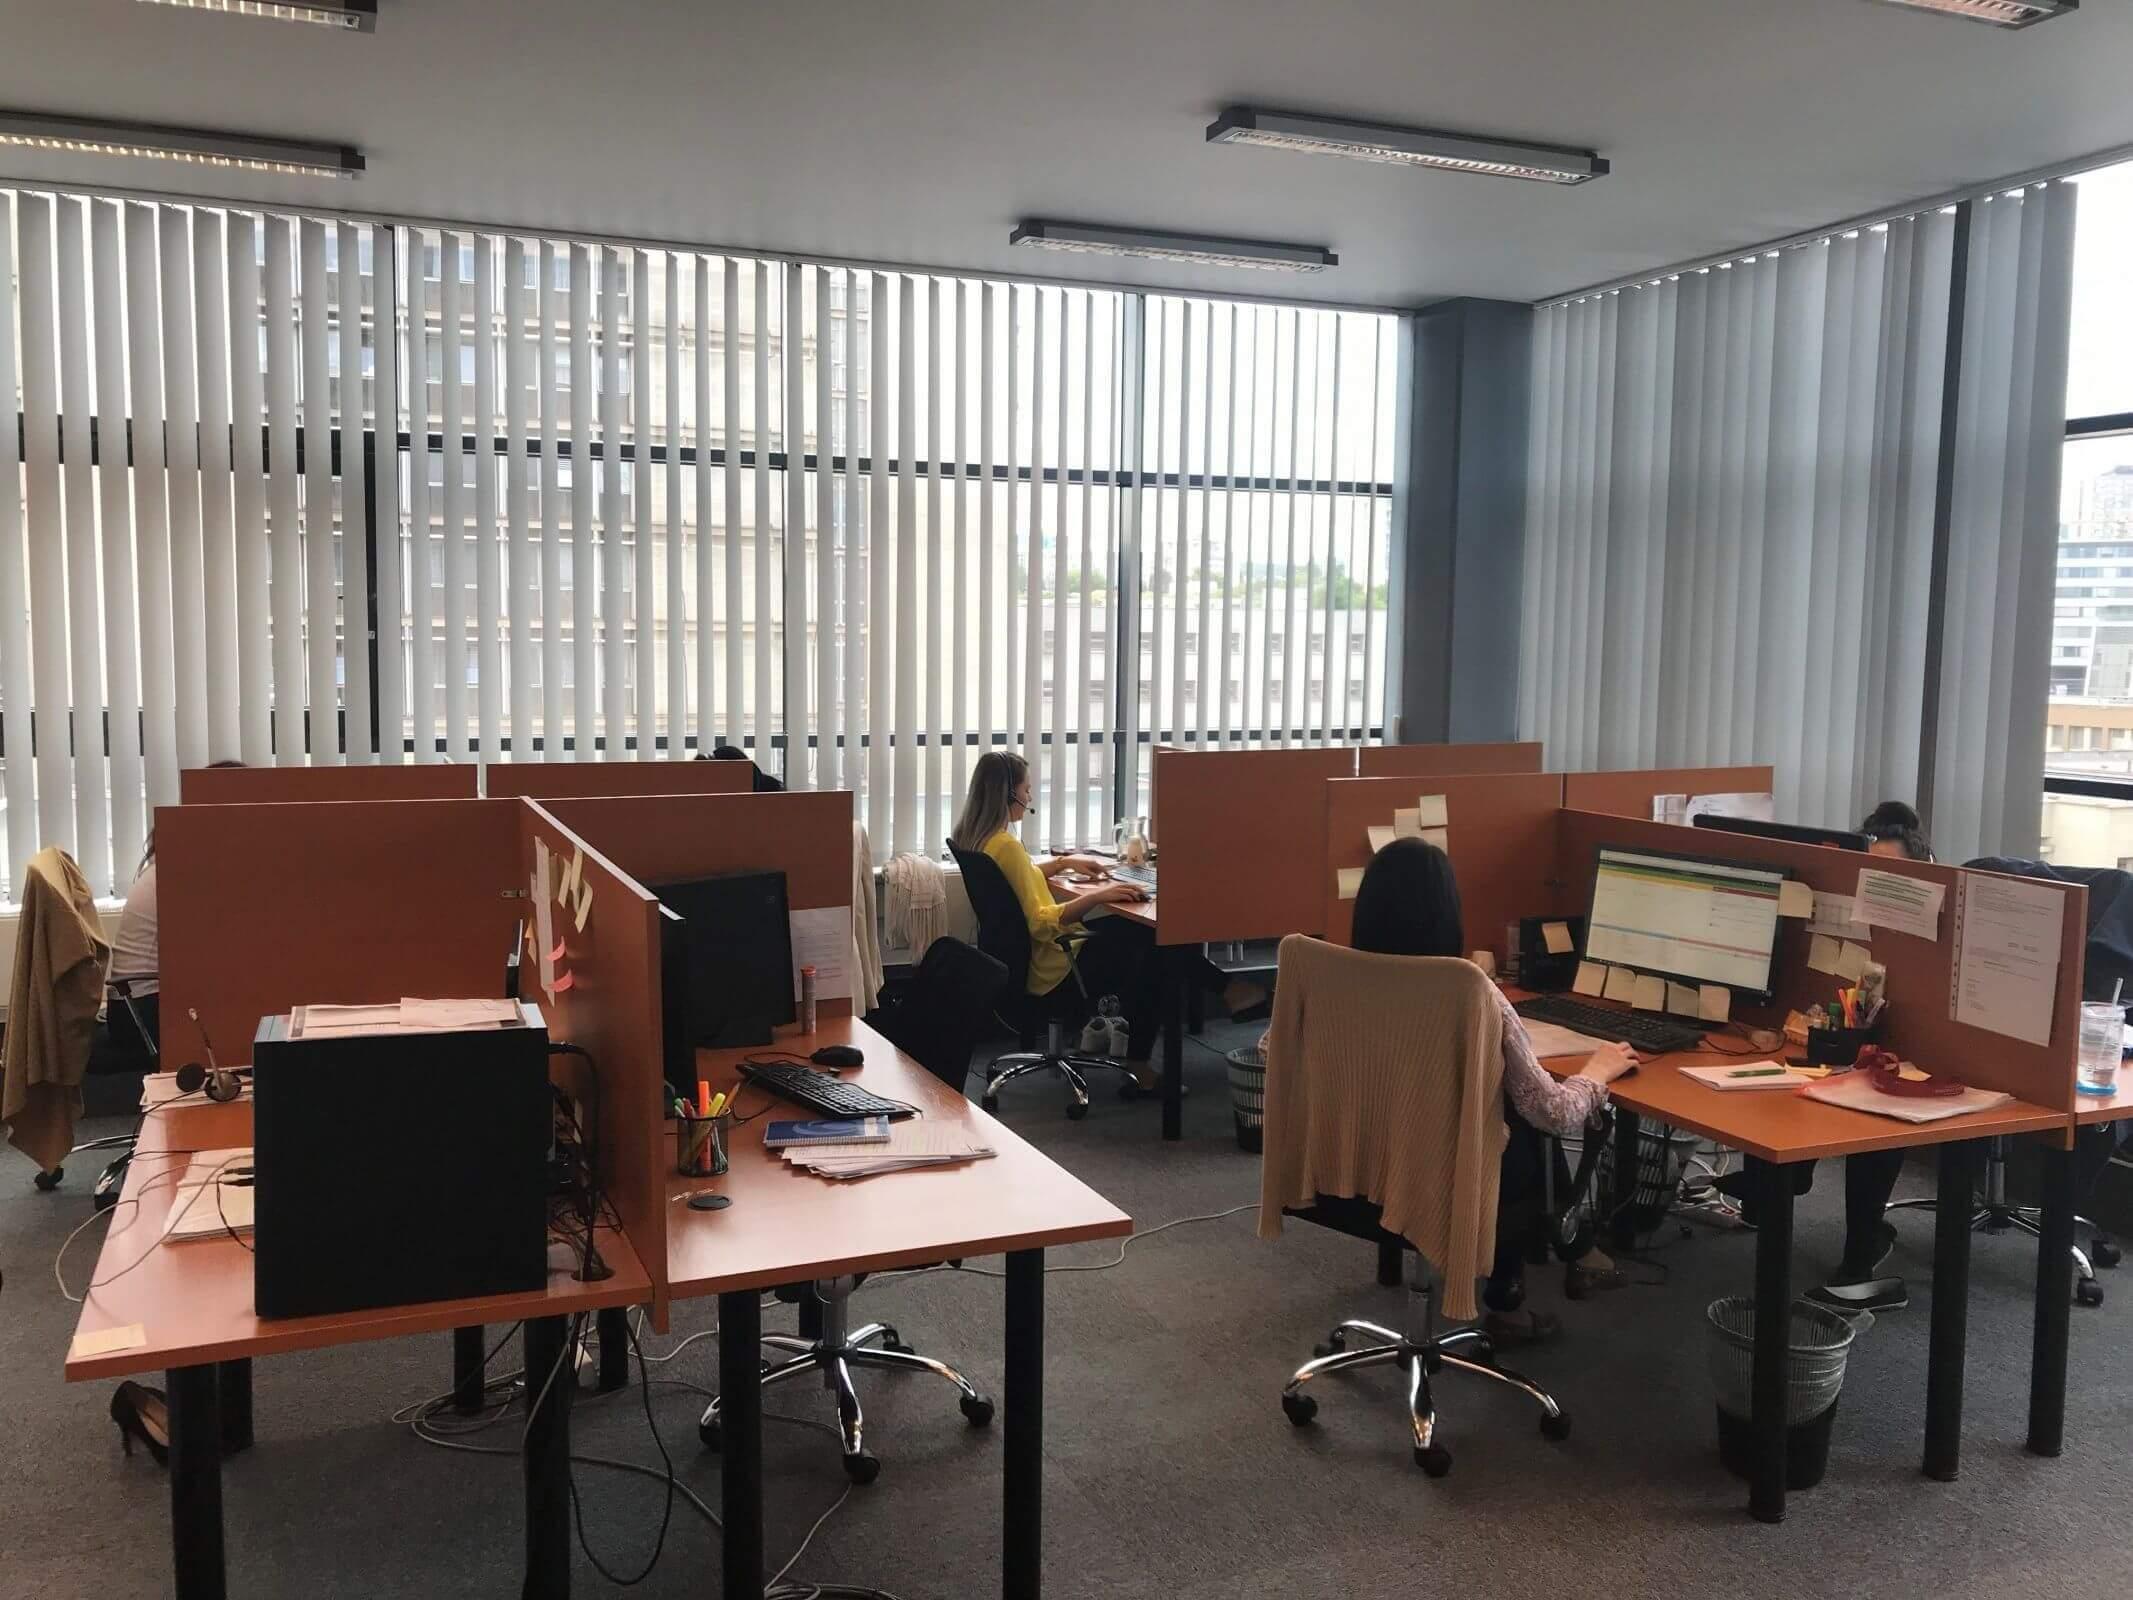 mistnost call centra s operatory na telefonu, ktere zprostredkovavaji praci